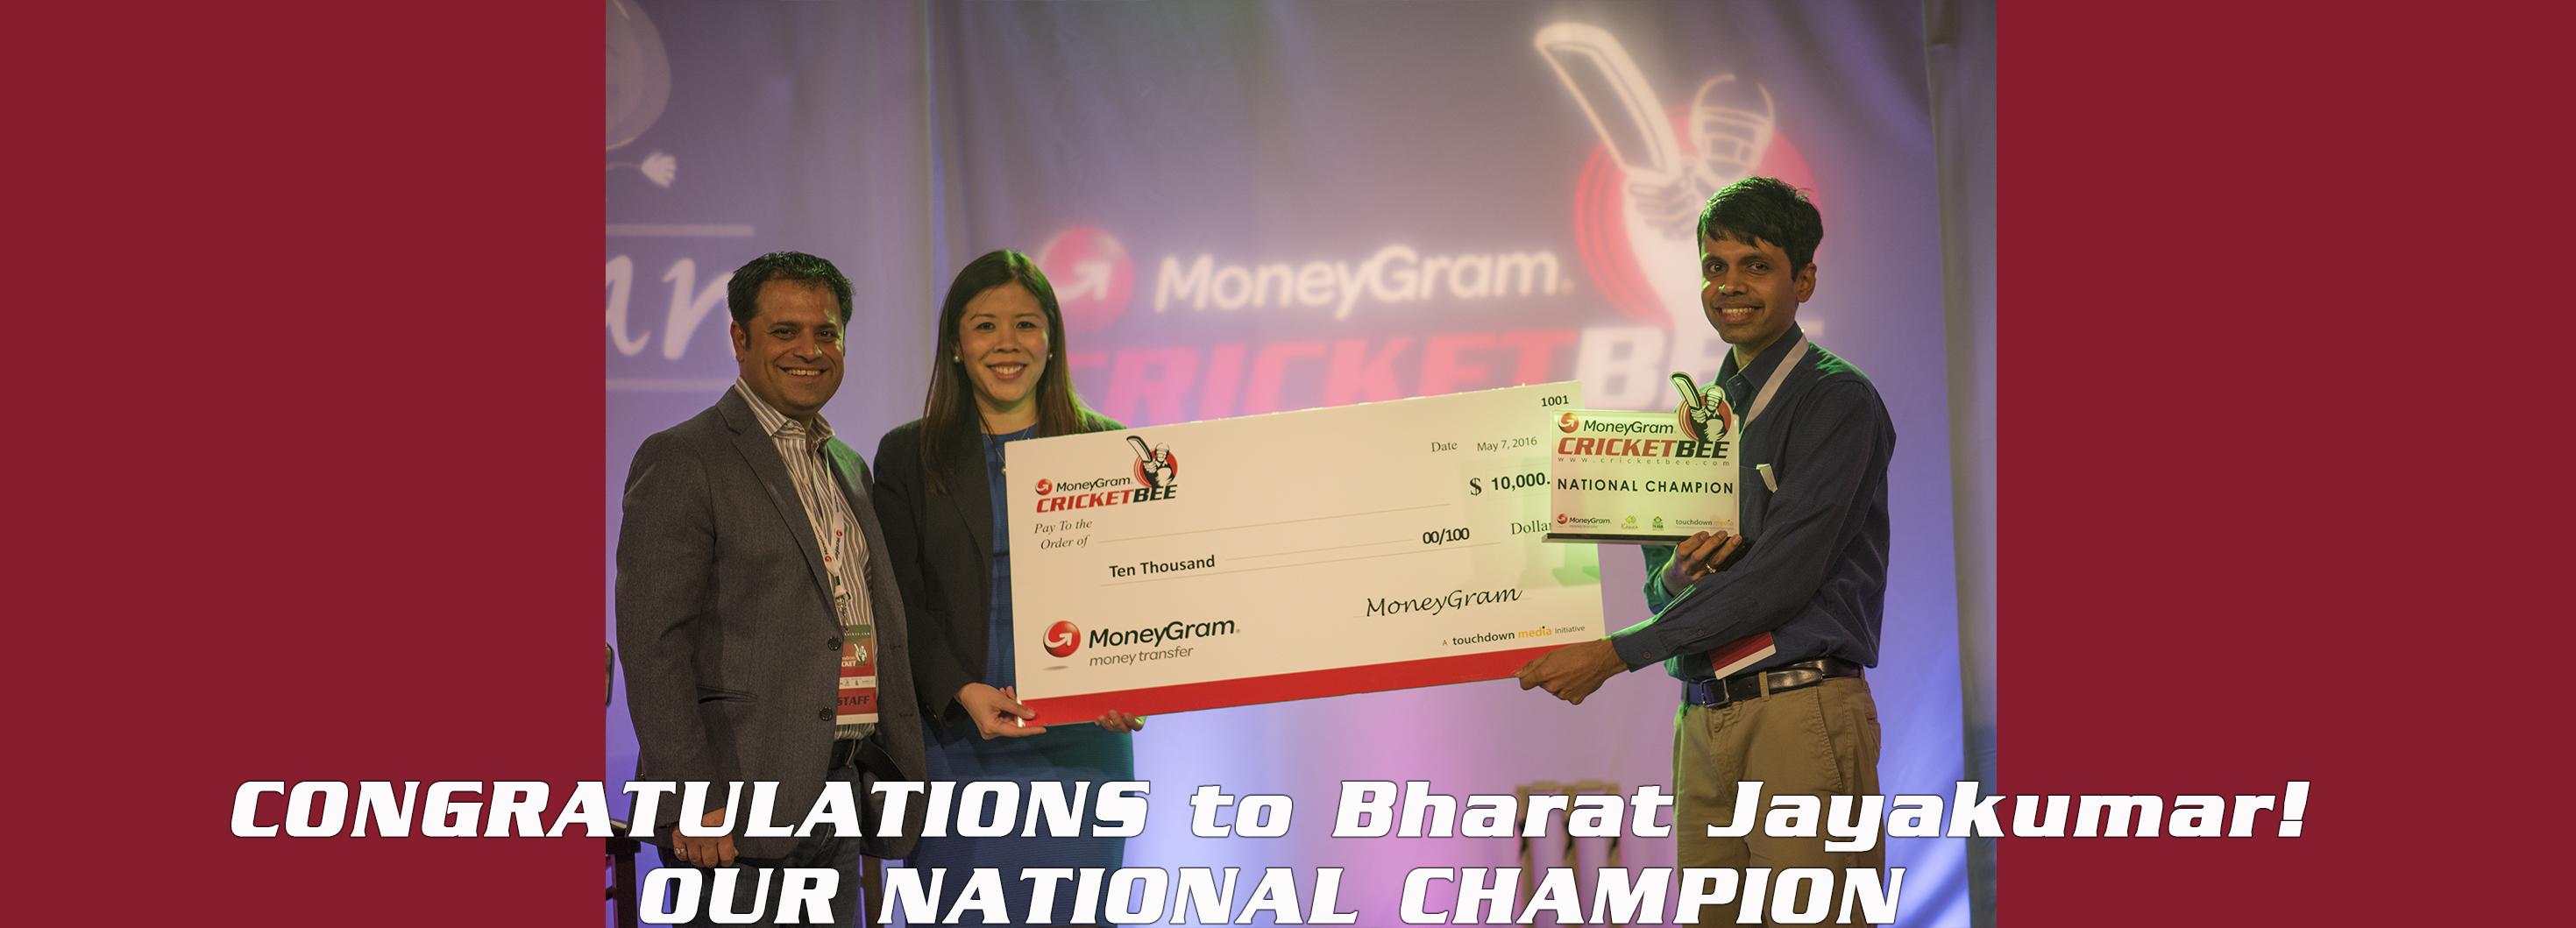 CBF-winner-pic-banneR